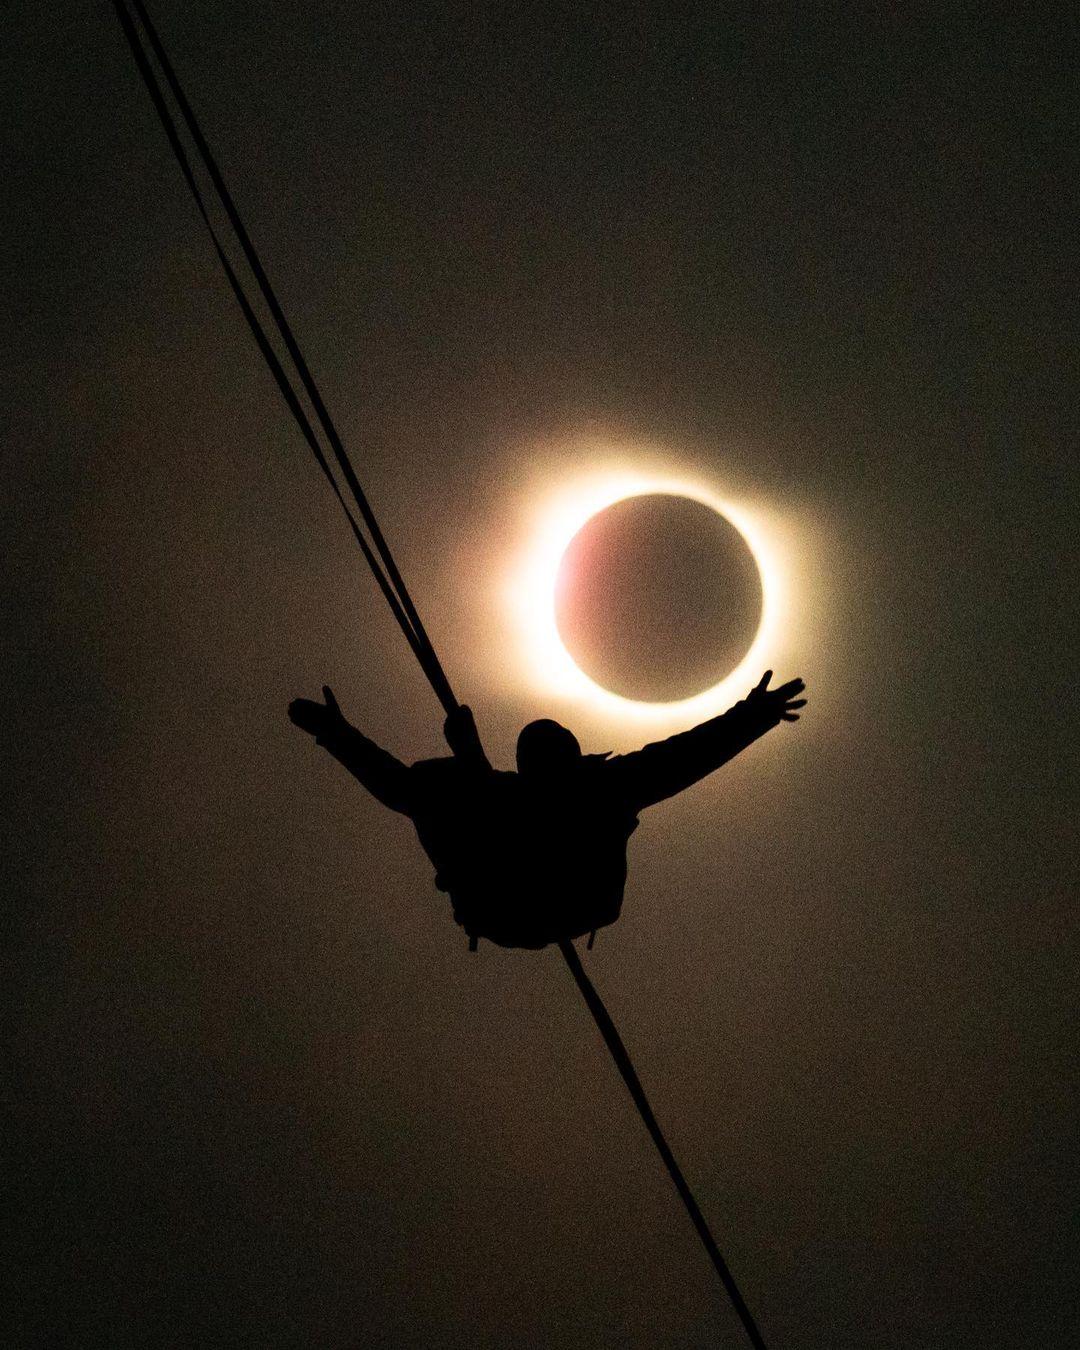 Imagen de un hombre caminando por una cuerda en medio del eclipse 2020